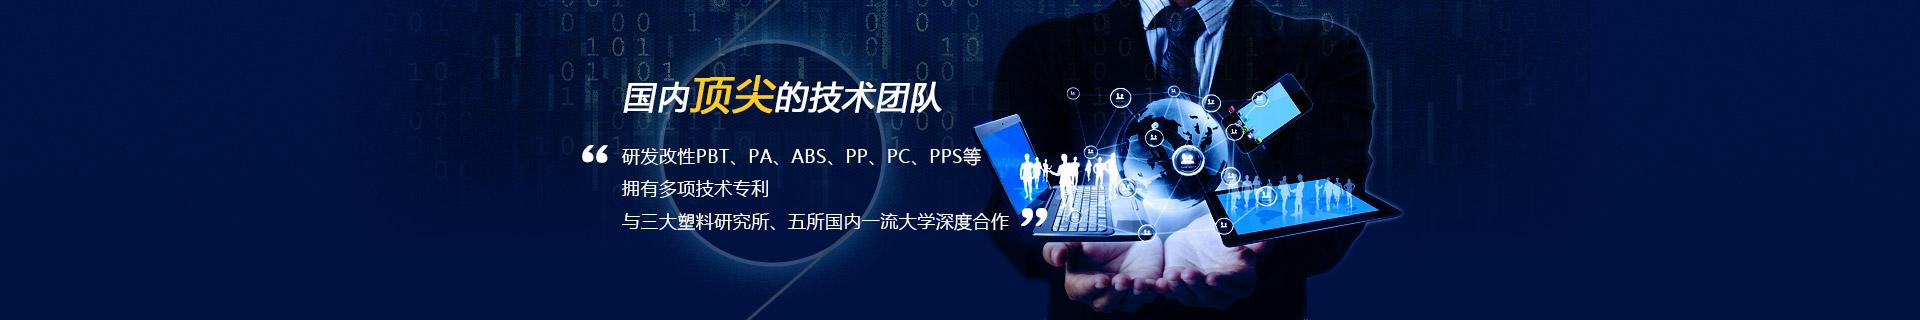 找lehu6.vip乐虎国际新材料 国内顶尖的技术团队